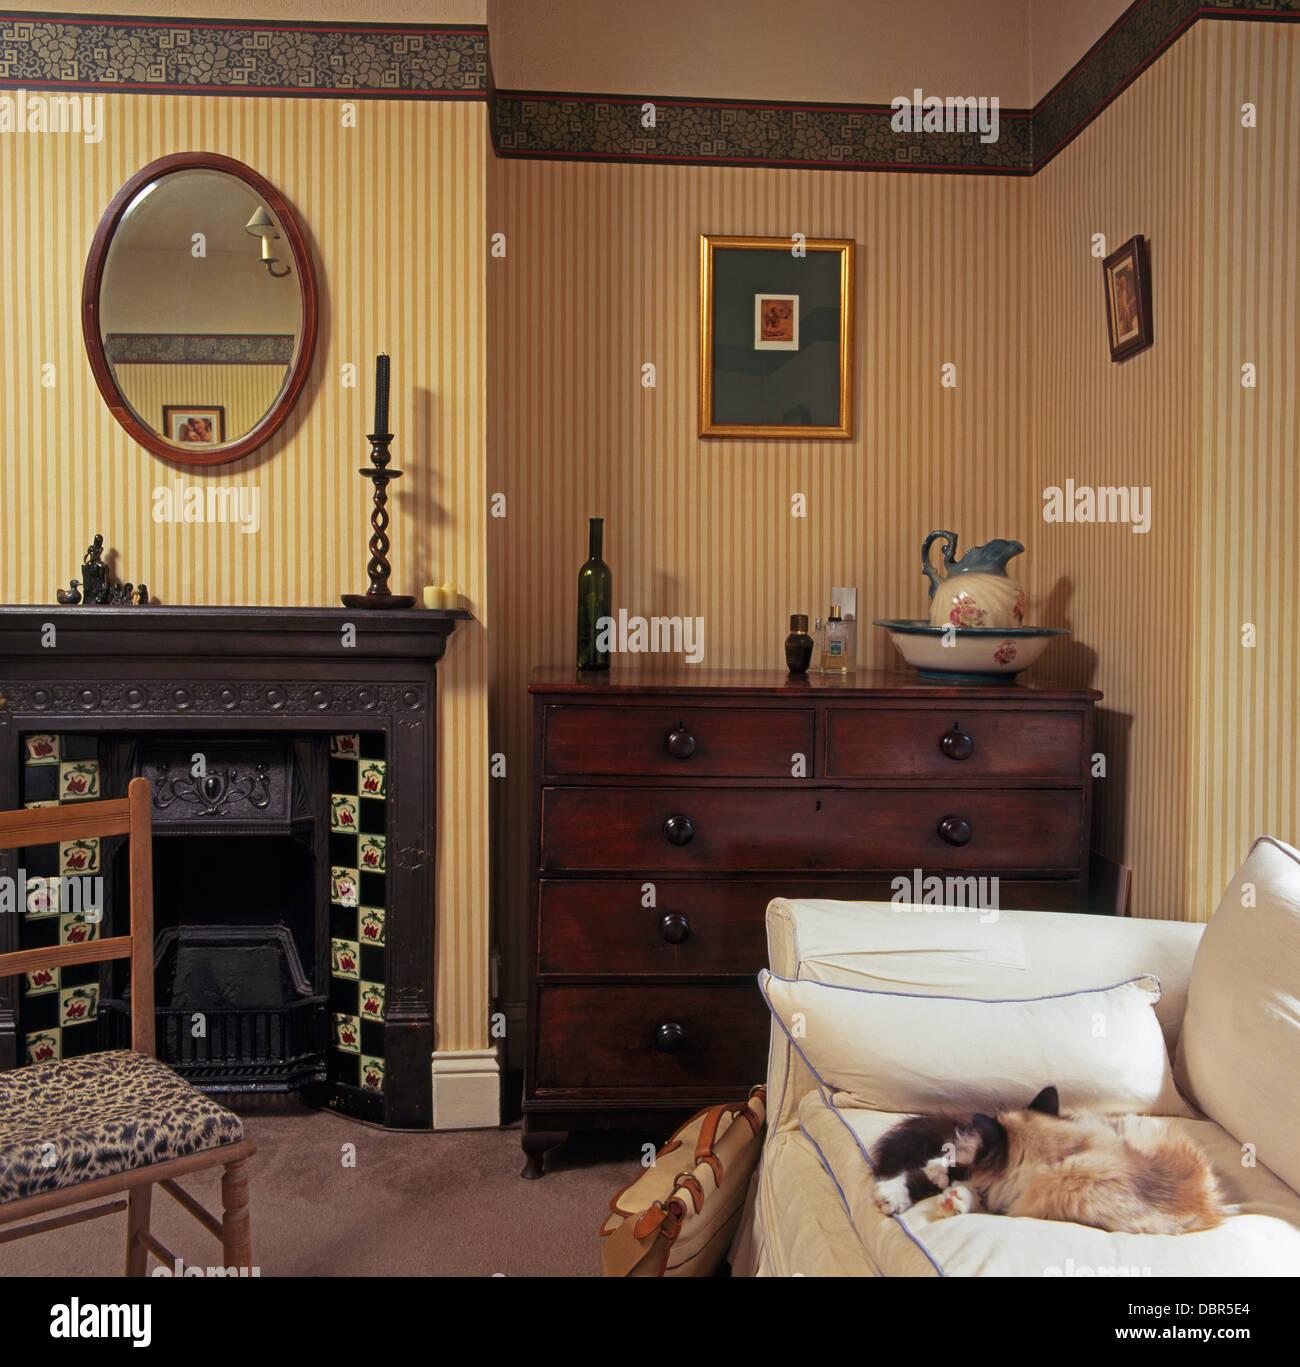 miroir ovale au-dessus de cheminée en fonte dans la chambre avec